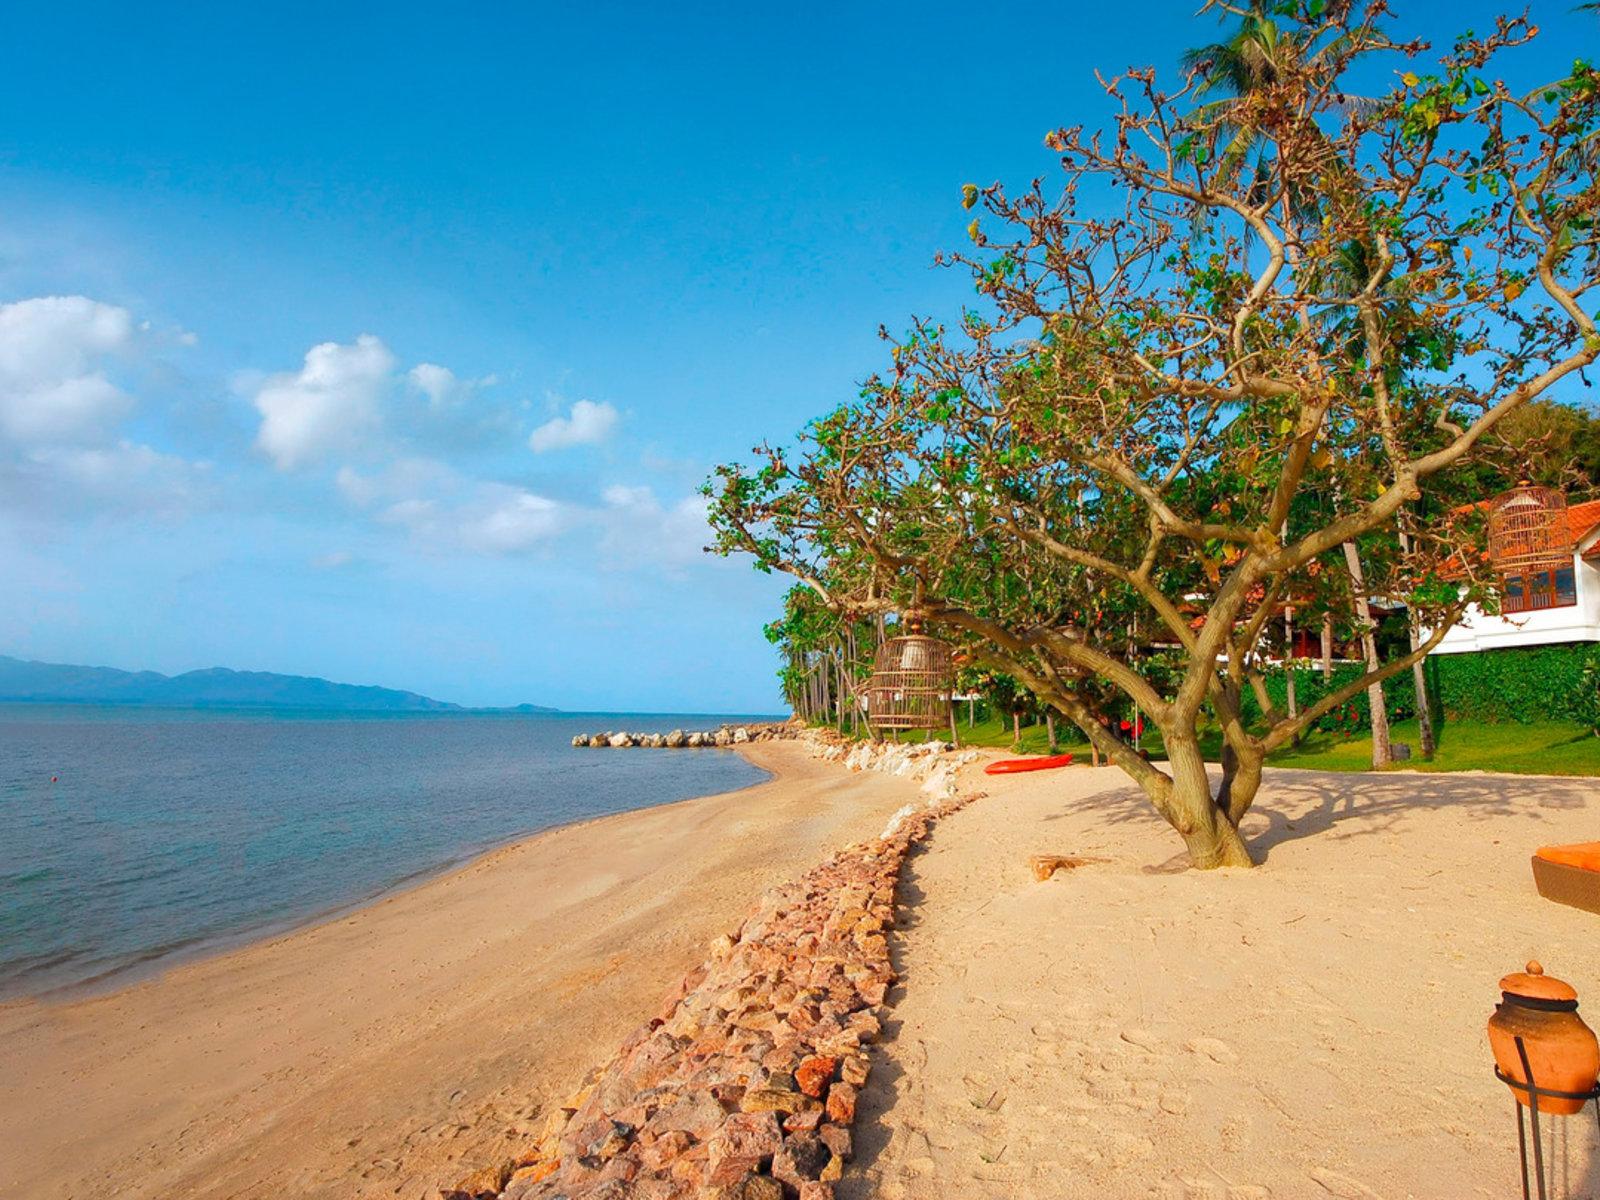 Belmond Napasai beach